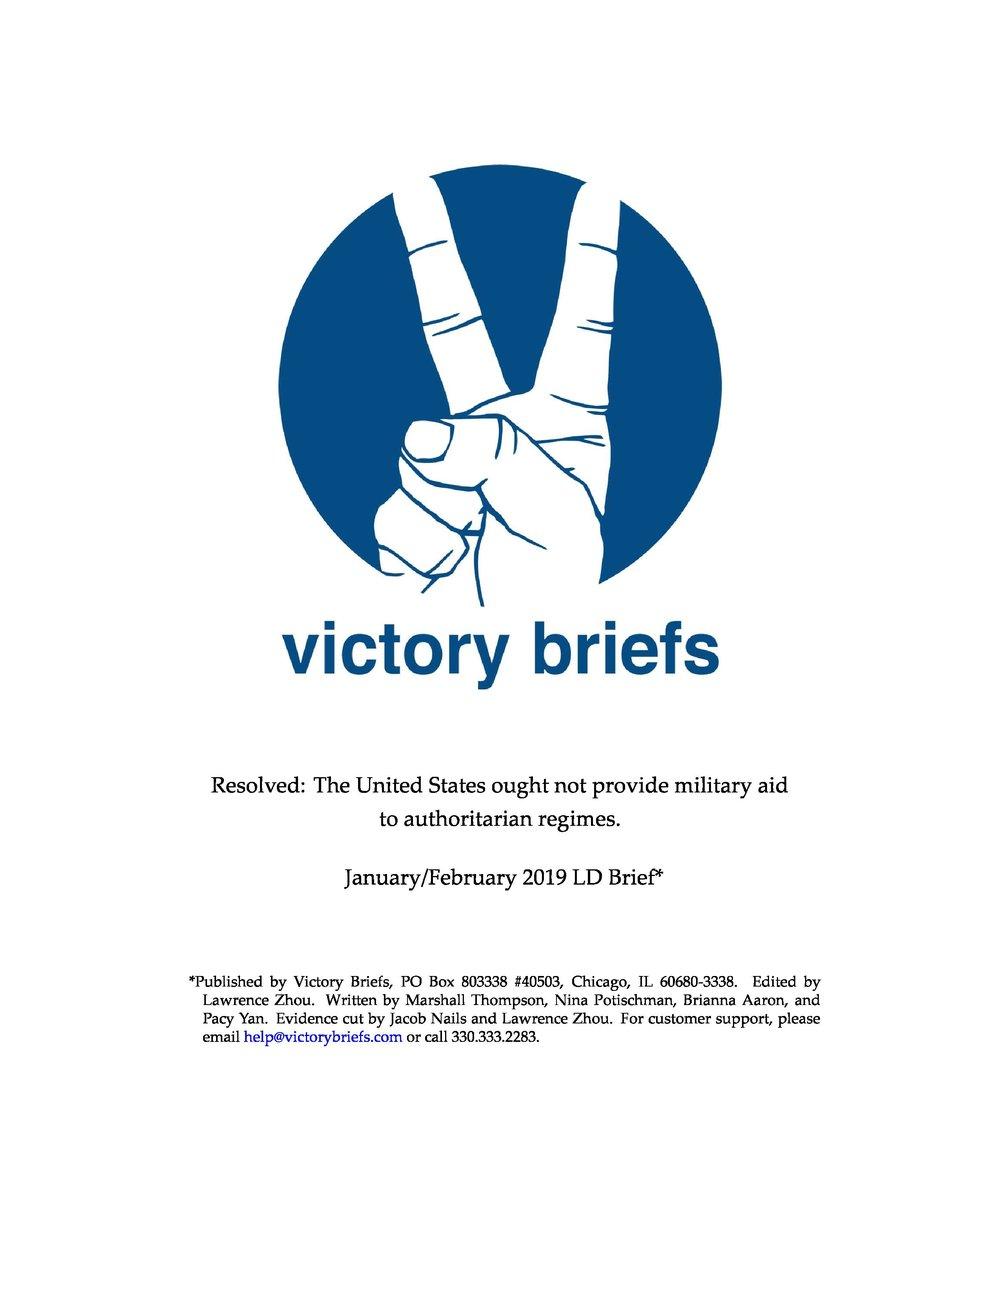 LD Jan/Feb '19 - Military Aid